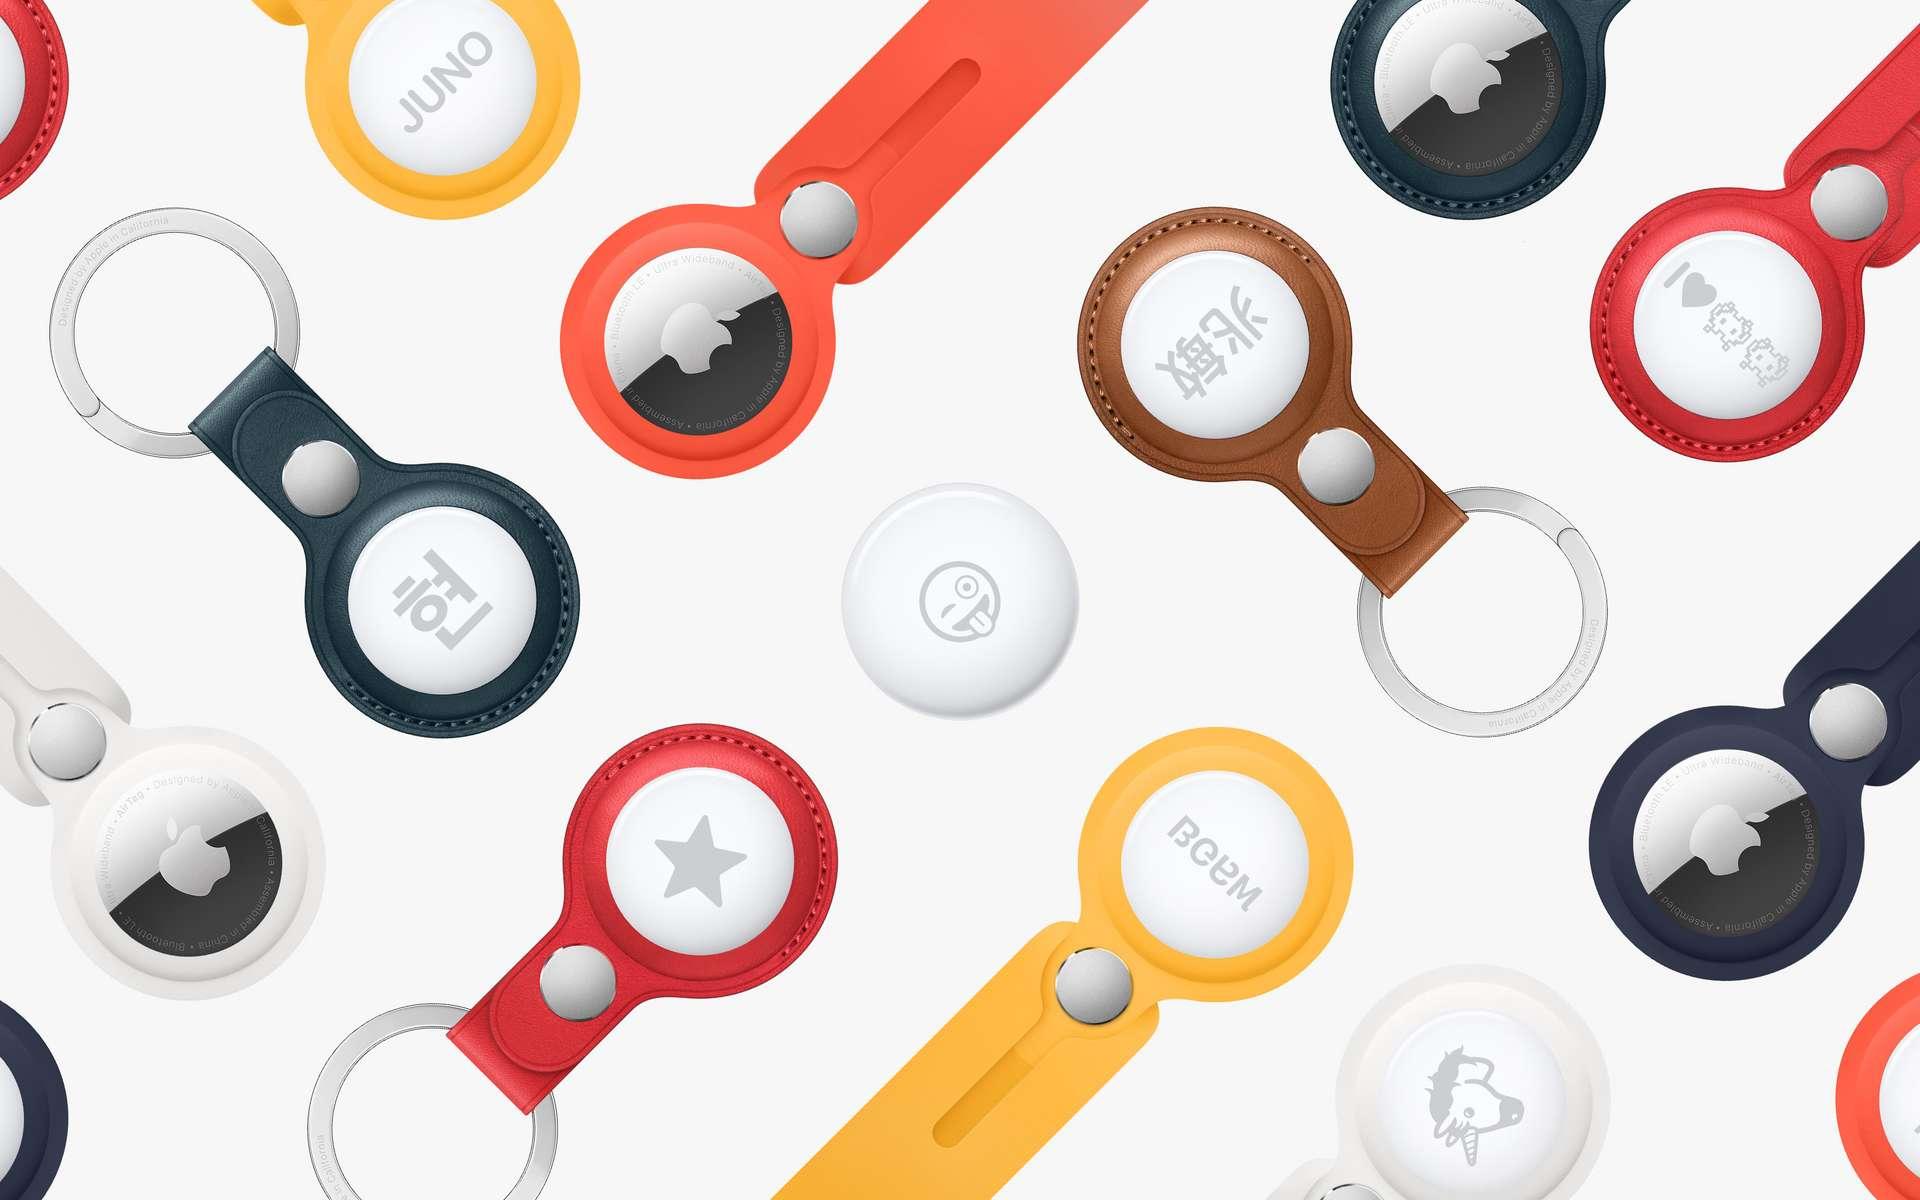 L'AirTag a des allures de porte-clés. © Apple